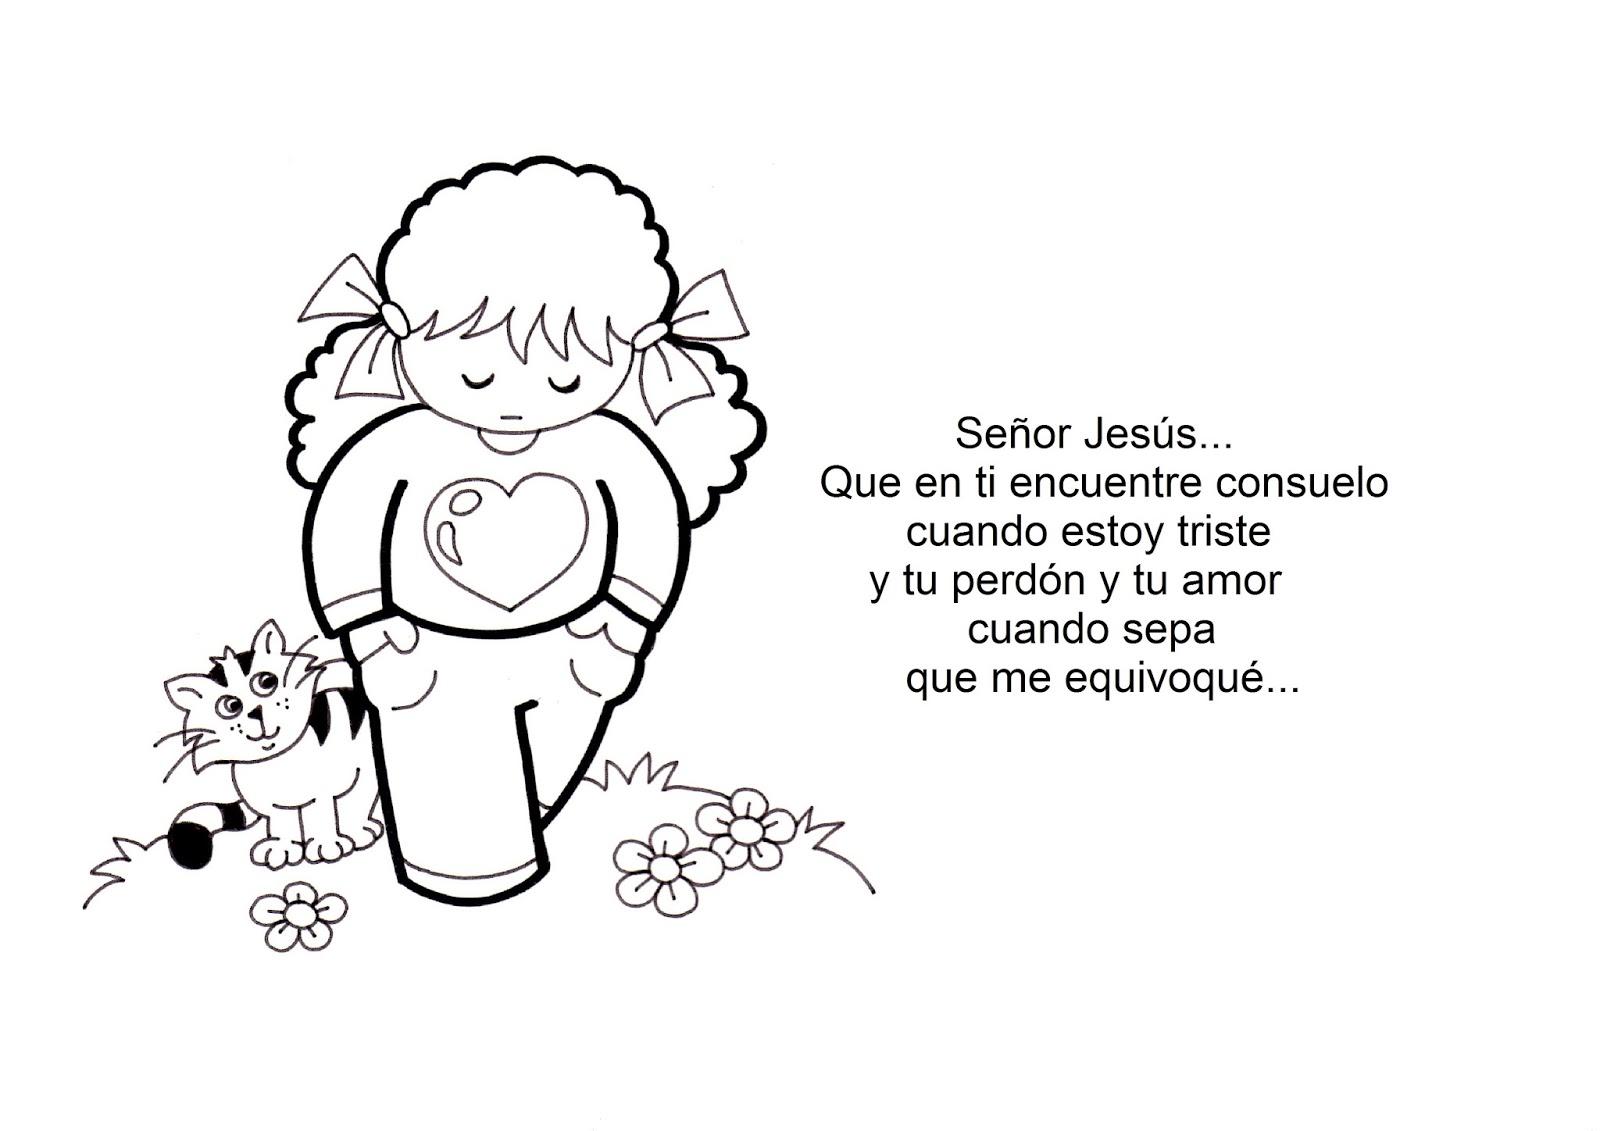 best Imagenes De Amor Y Perdon Para Dibujar image collection